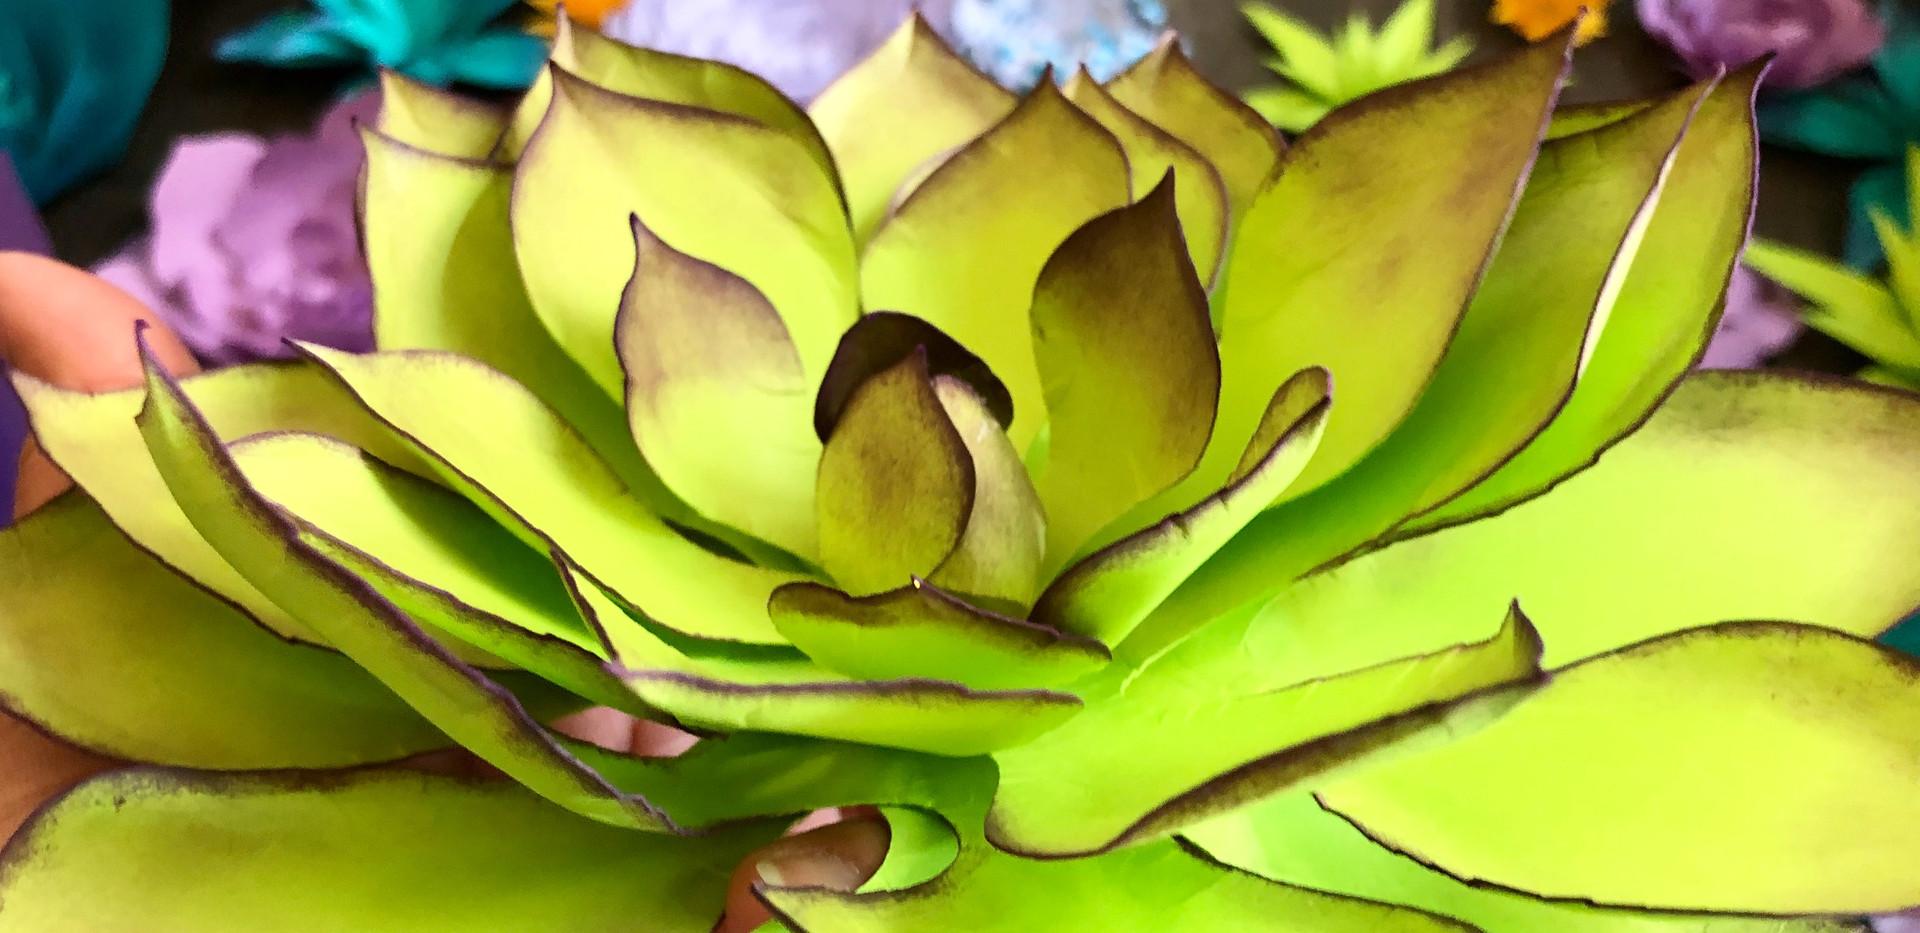 Giant paper succulents